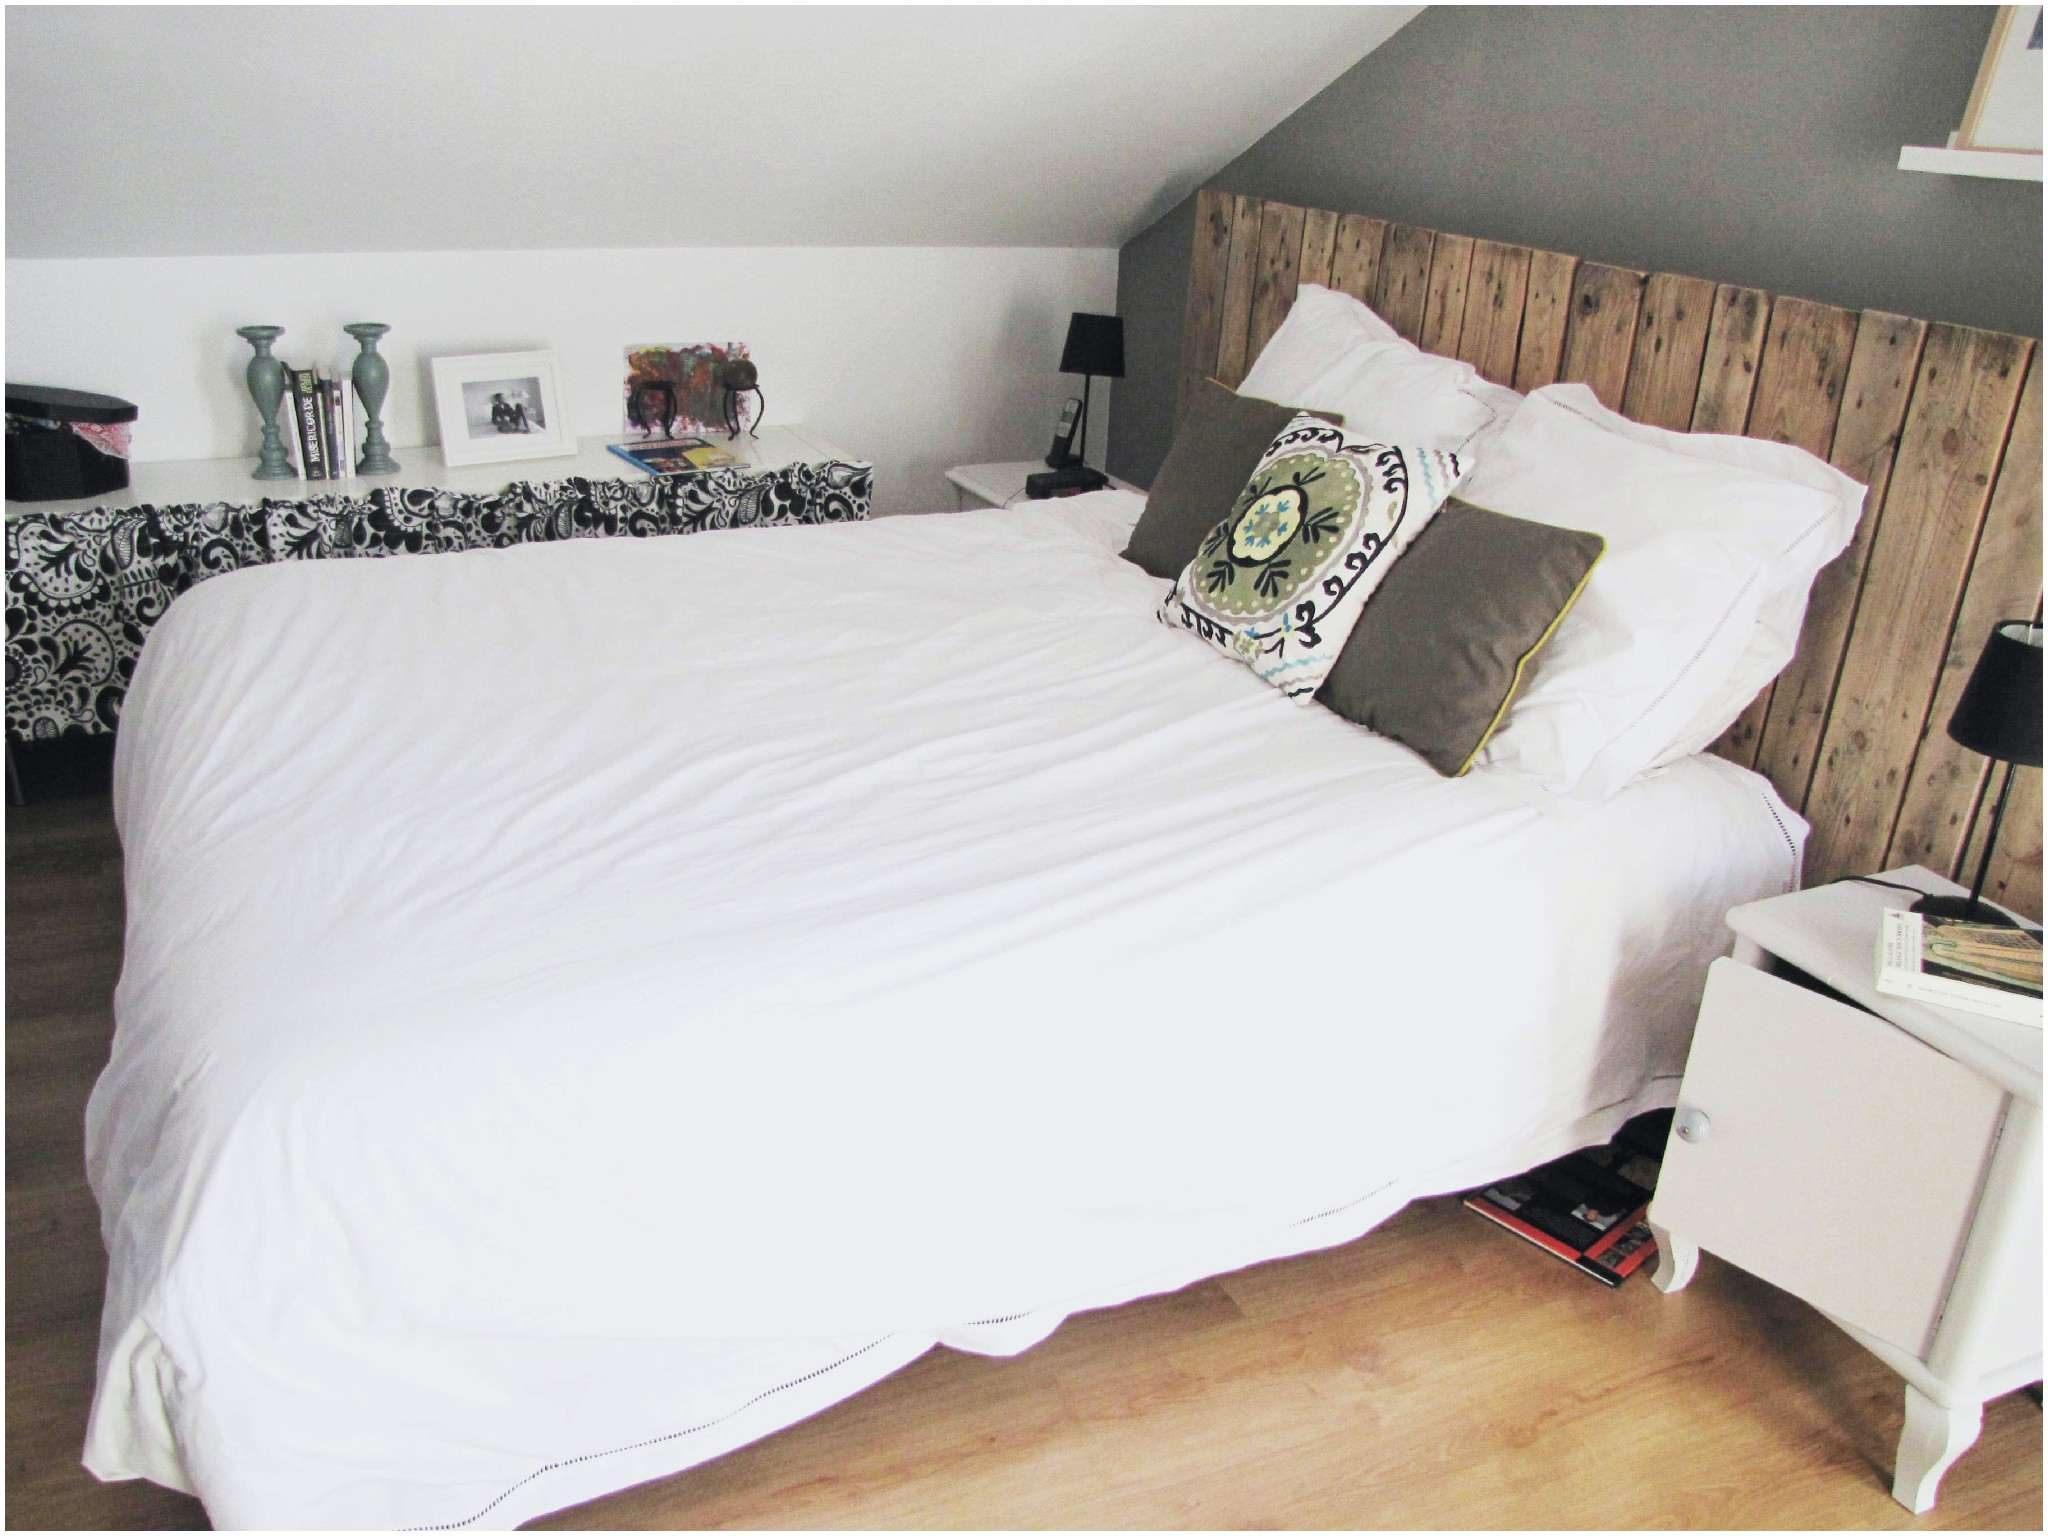 Palette Tete De Lit Le Luxe Luxe 20 Inspiration Cabane Lit Avec Palette Home Design Inspirasti